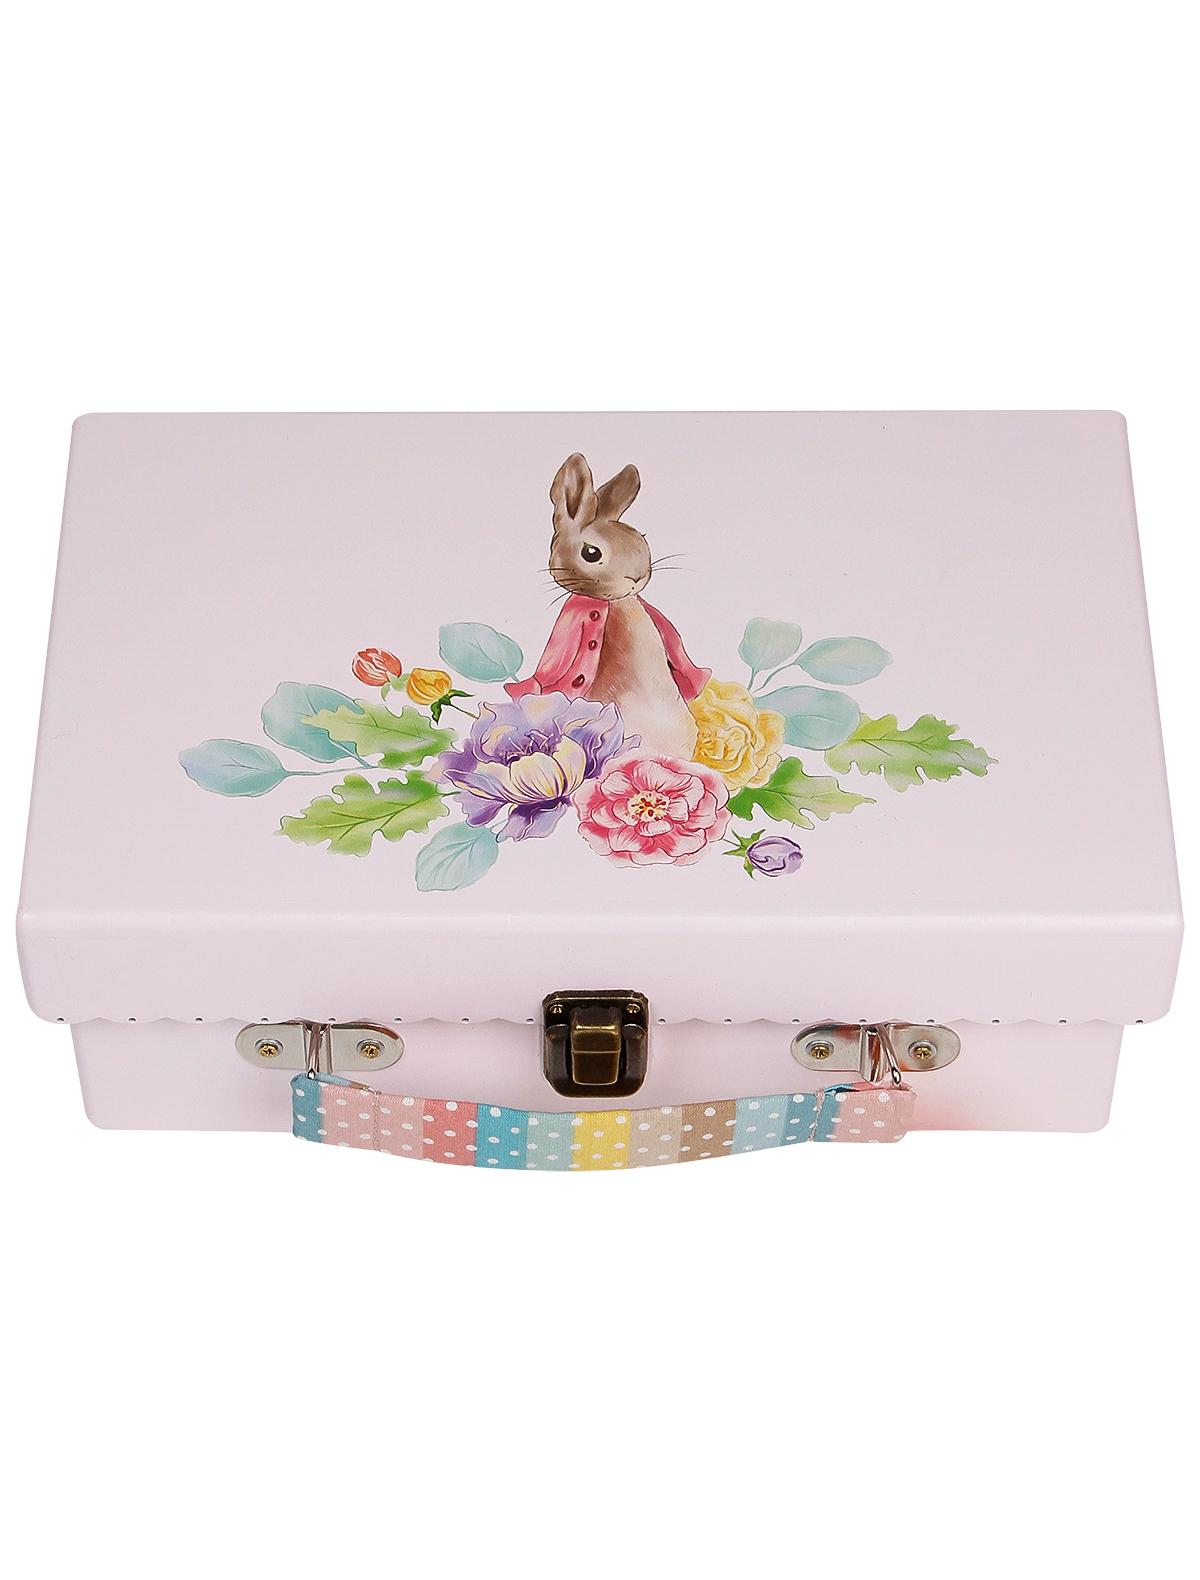 Купить 2231211, Игрушка Carolon, розовый, 7134520080143